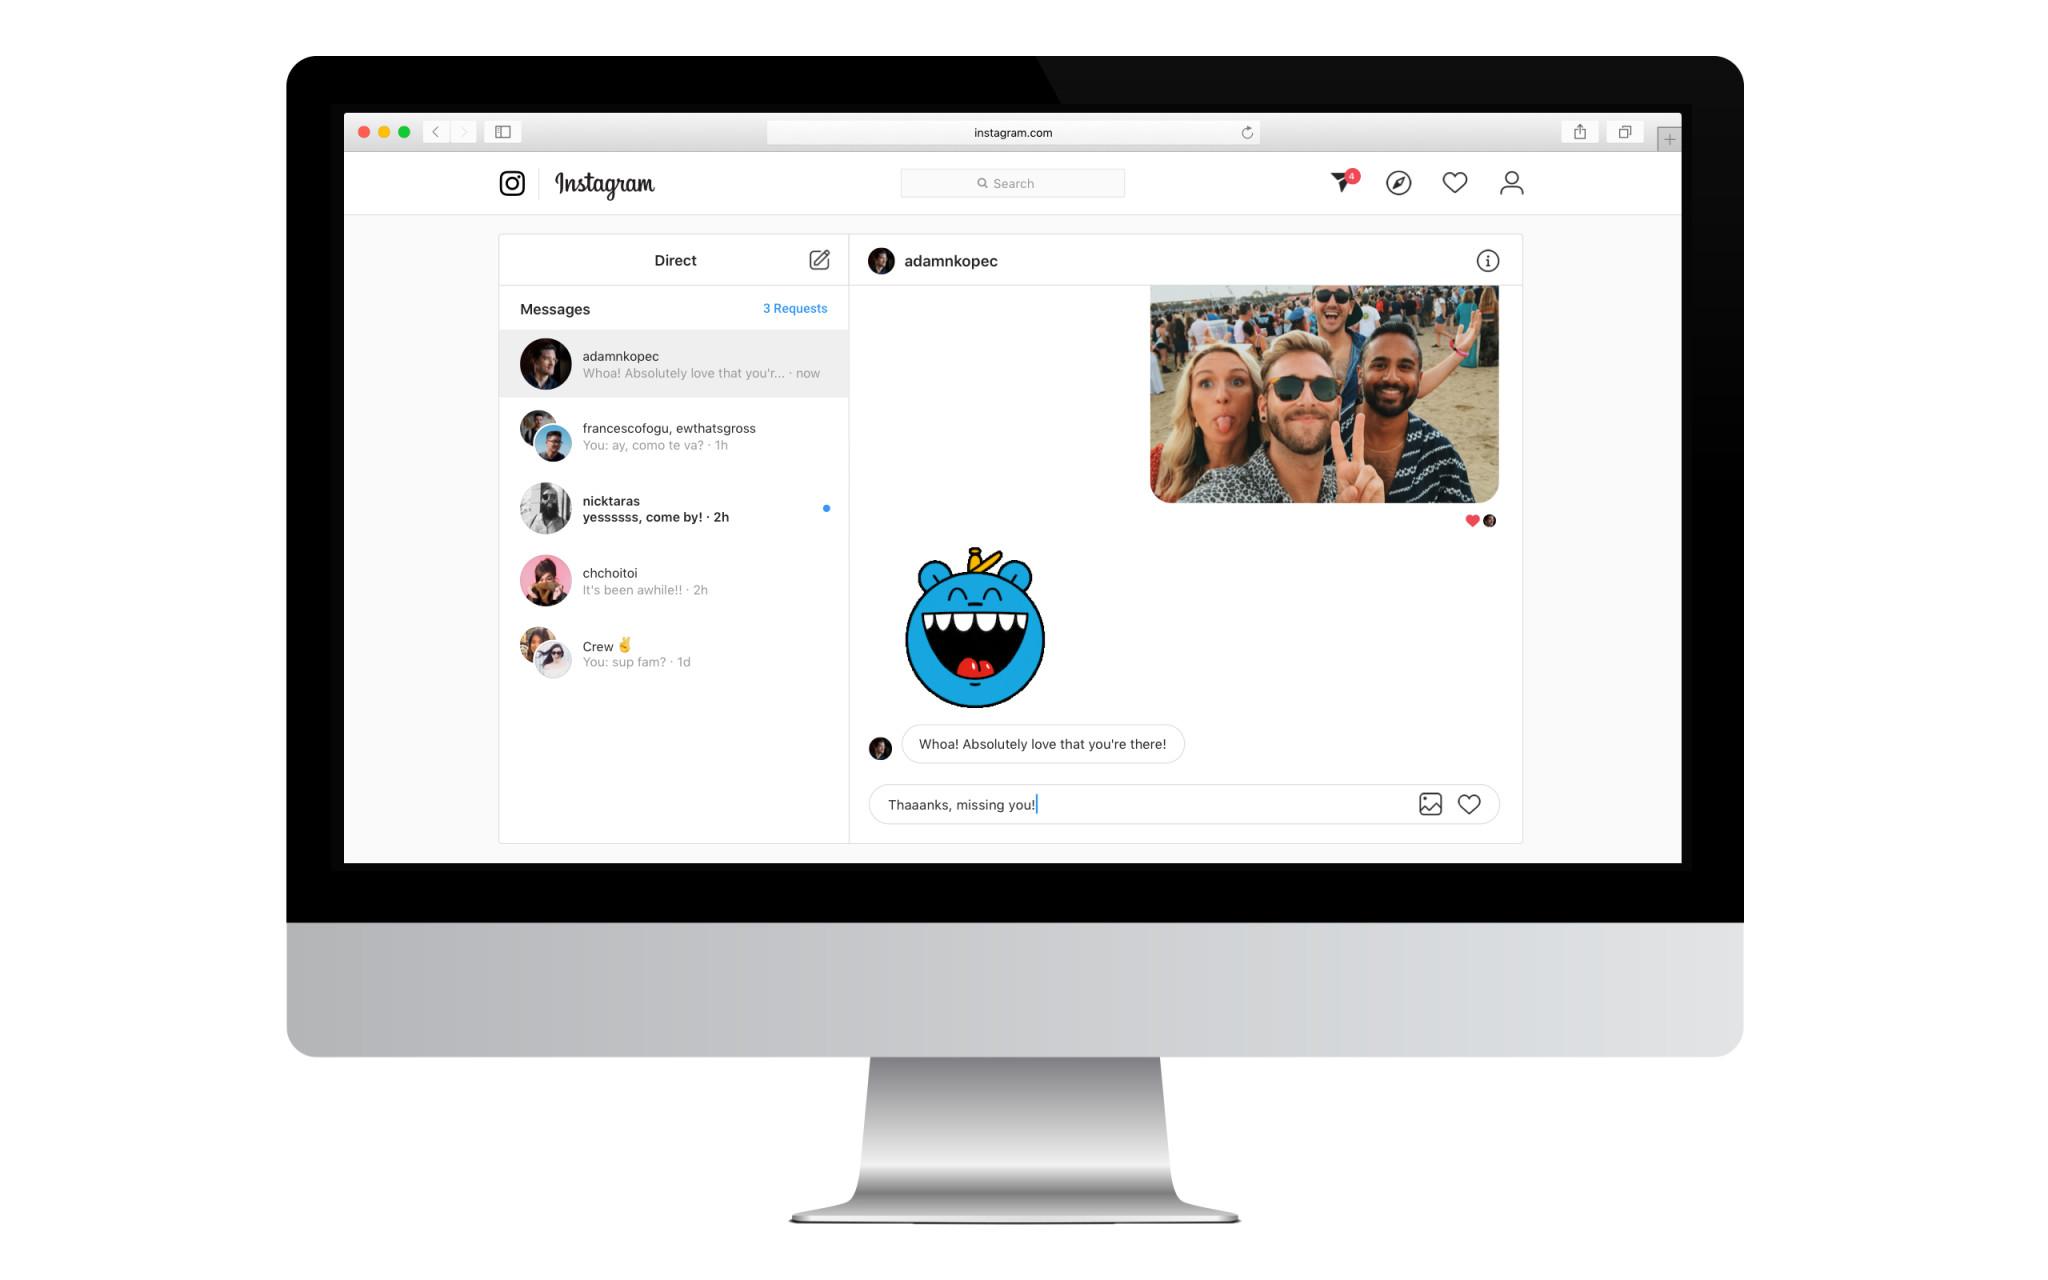 instagram direct desktop